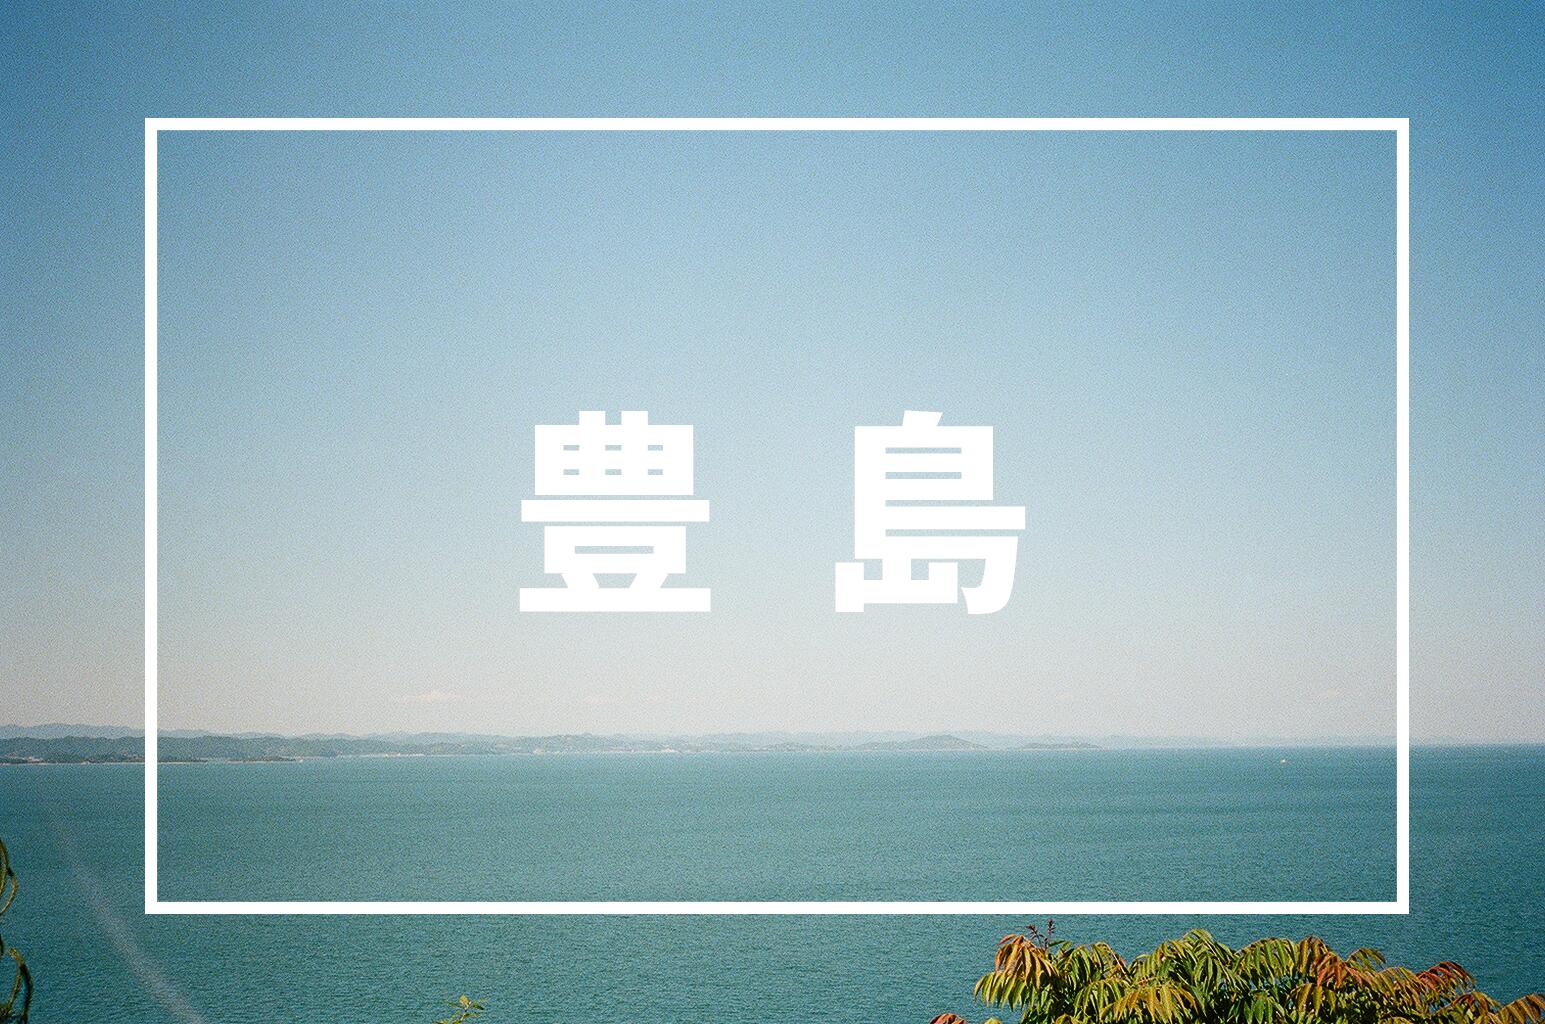 「豊島は最高にアートで癒しの島だった」のアイキャッチ画像